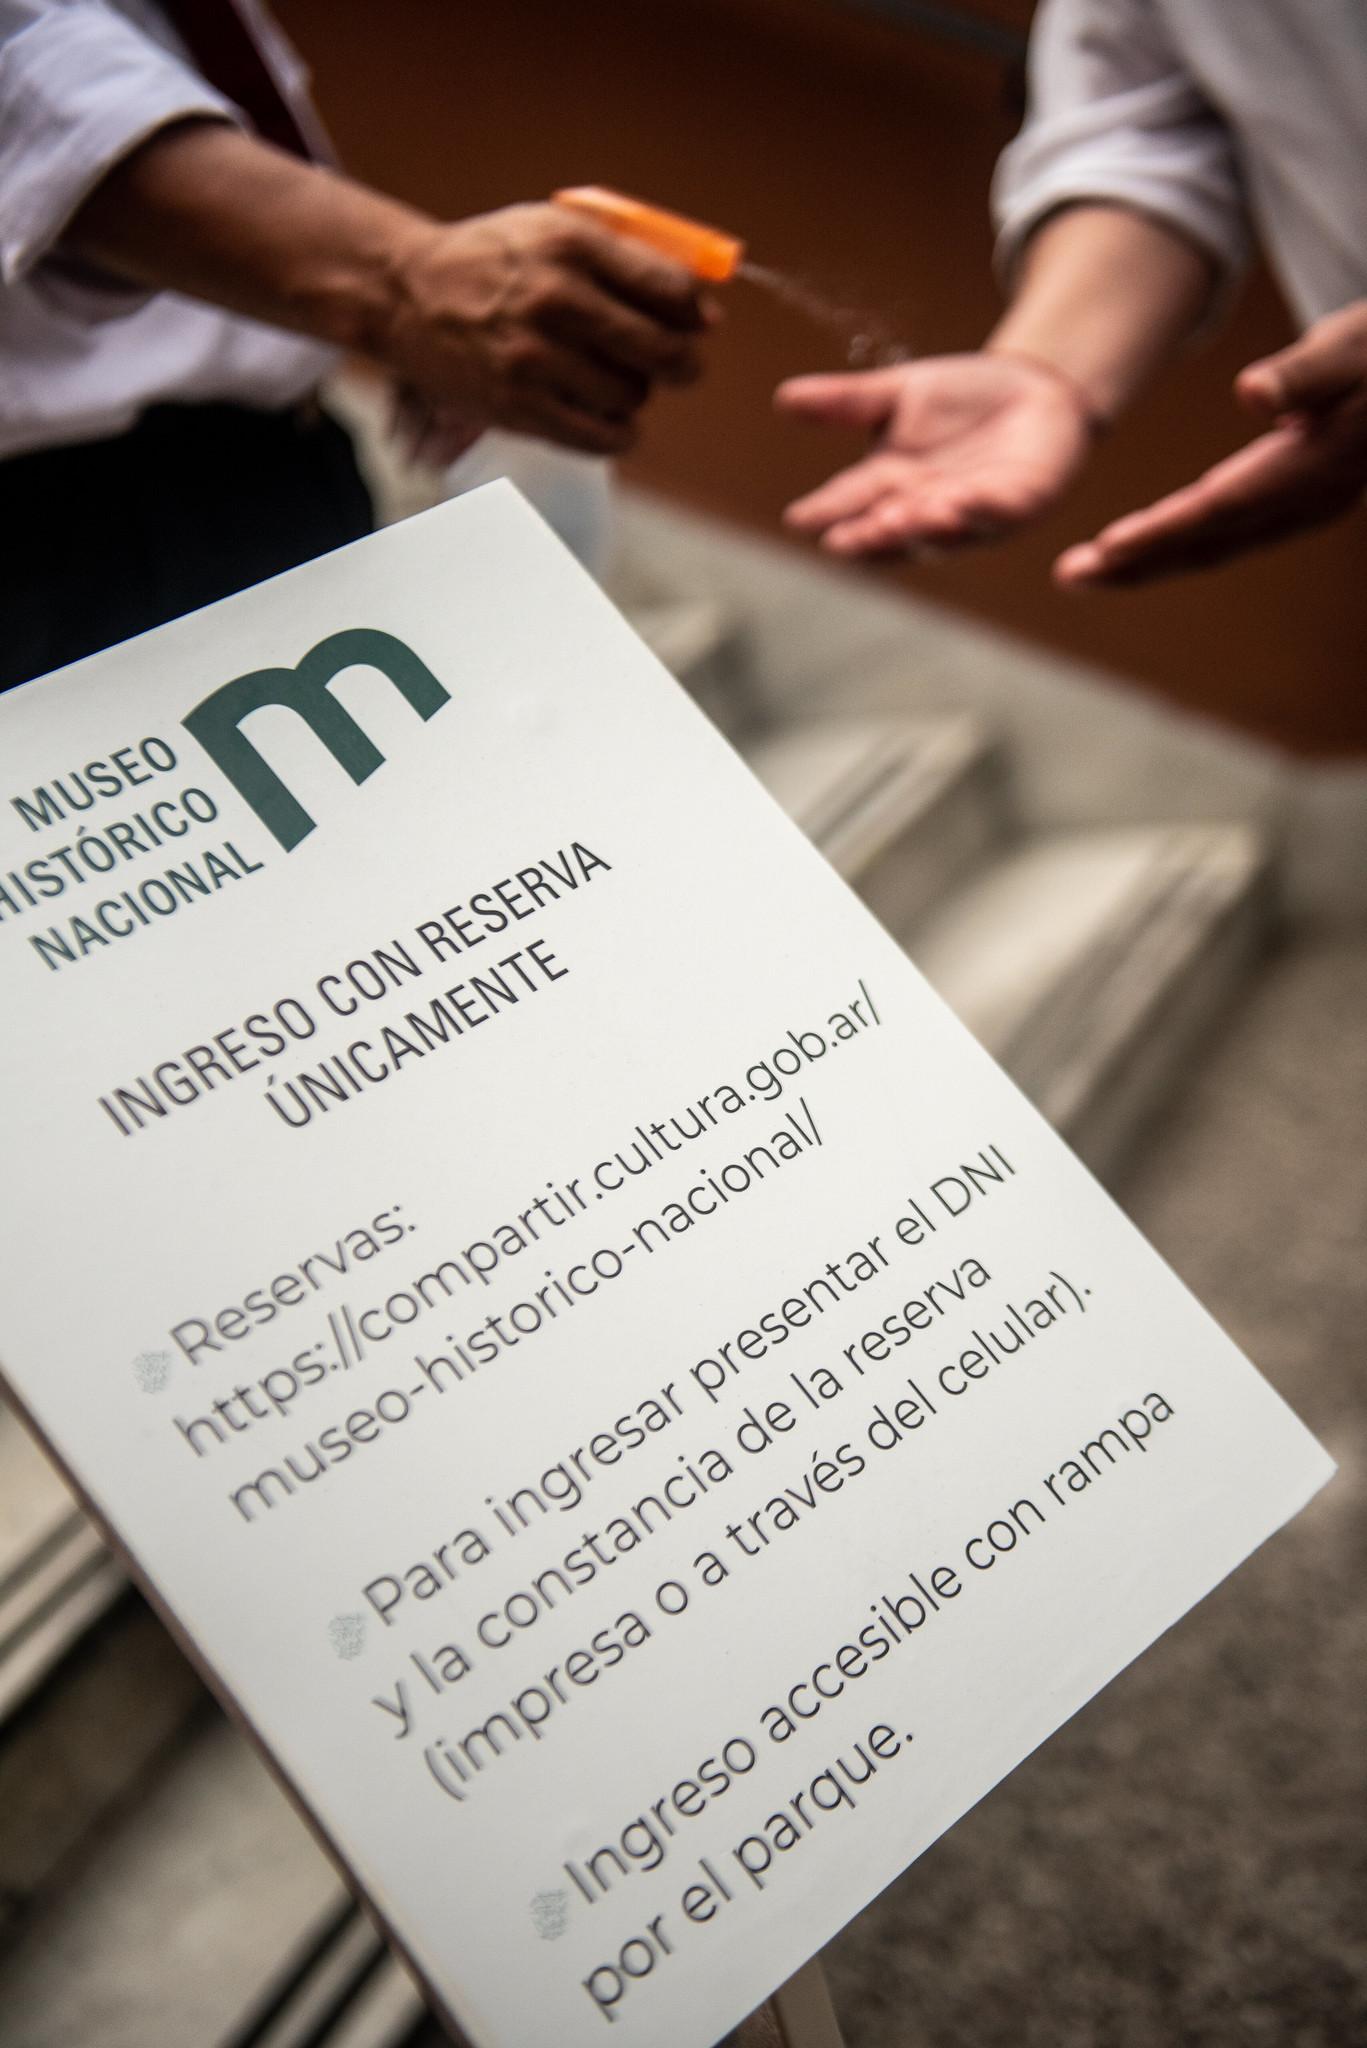 El ingreso solo está permitido para aquellas personas que hayan hecho la reserva previa (Ministerio de Cultura)